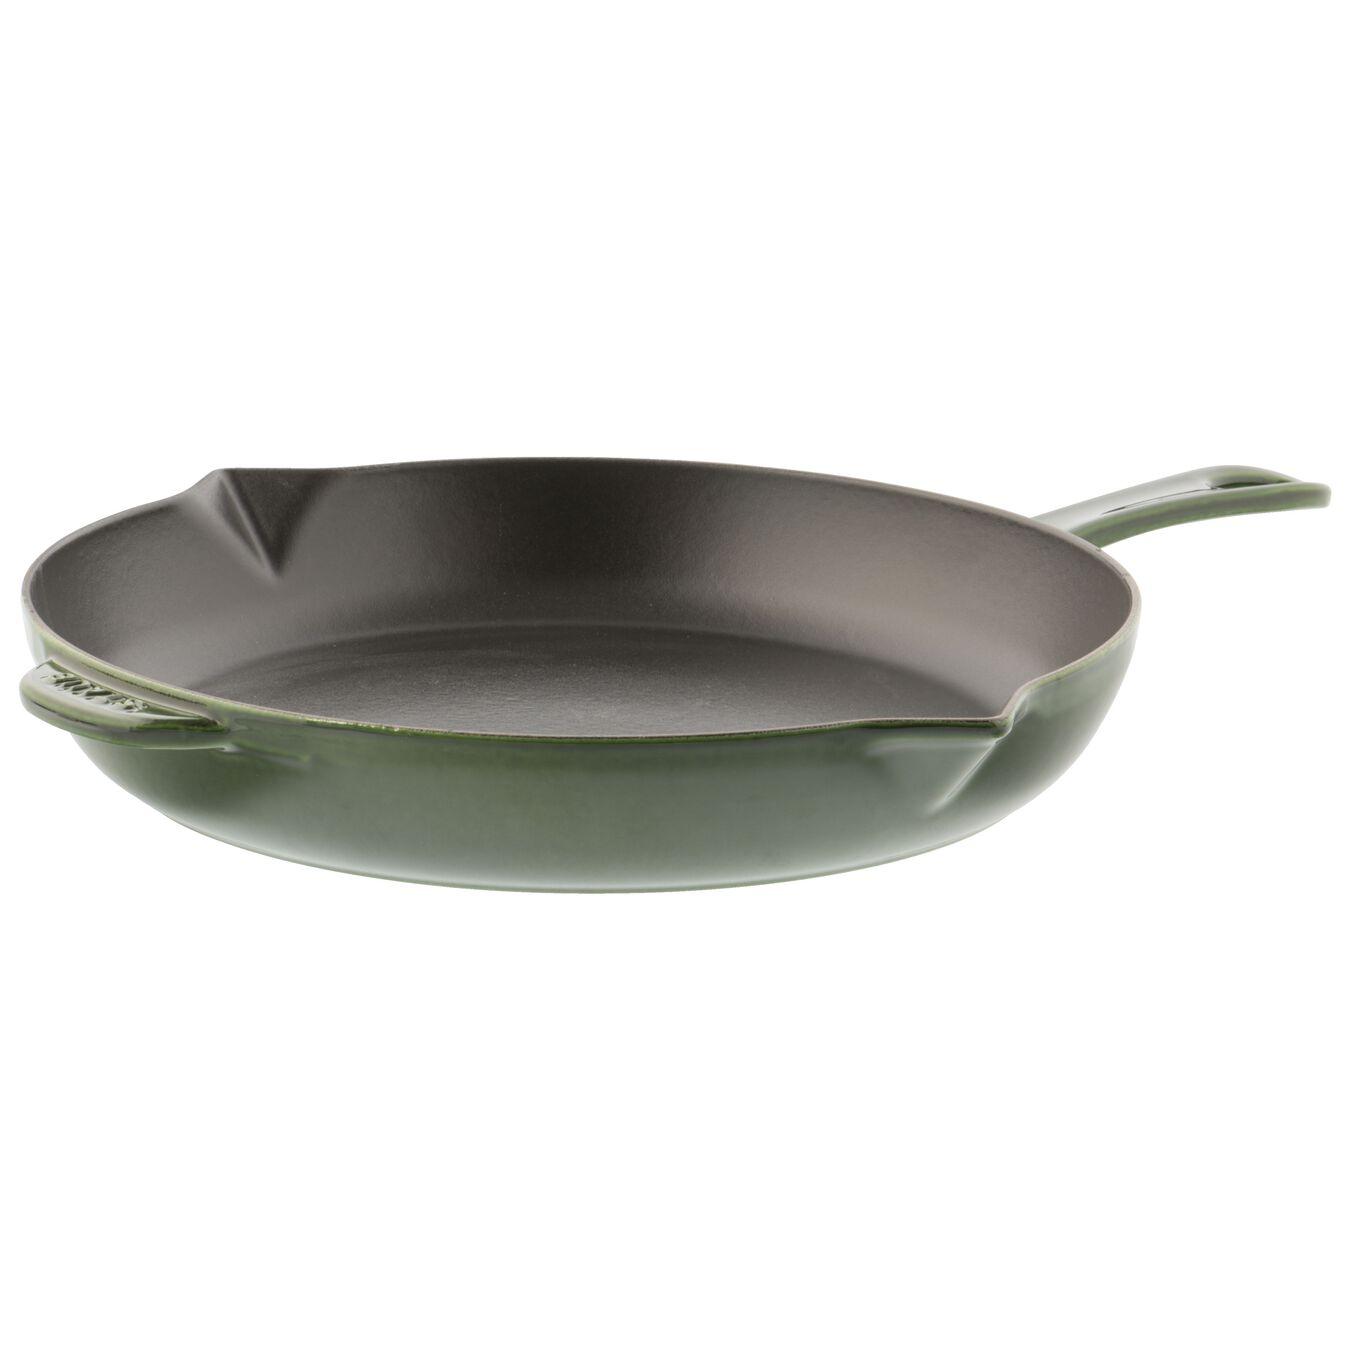 12-inch Fry Pan - Basil,,large 1